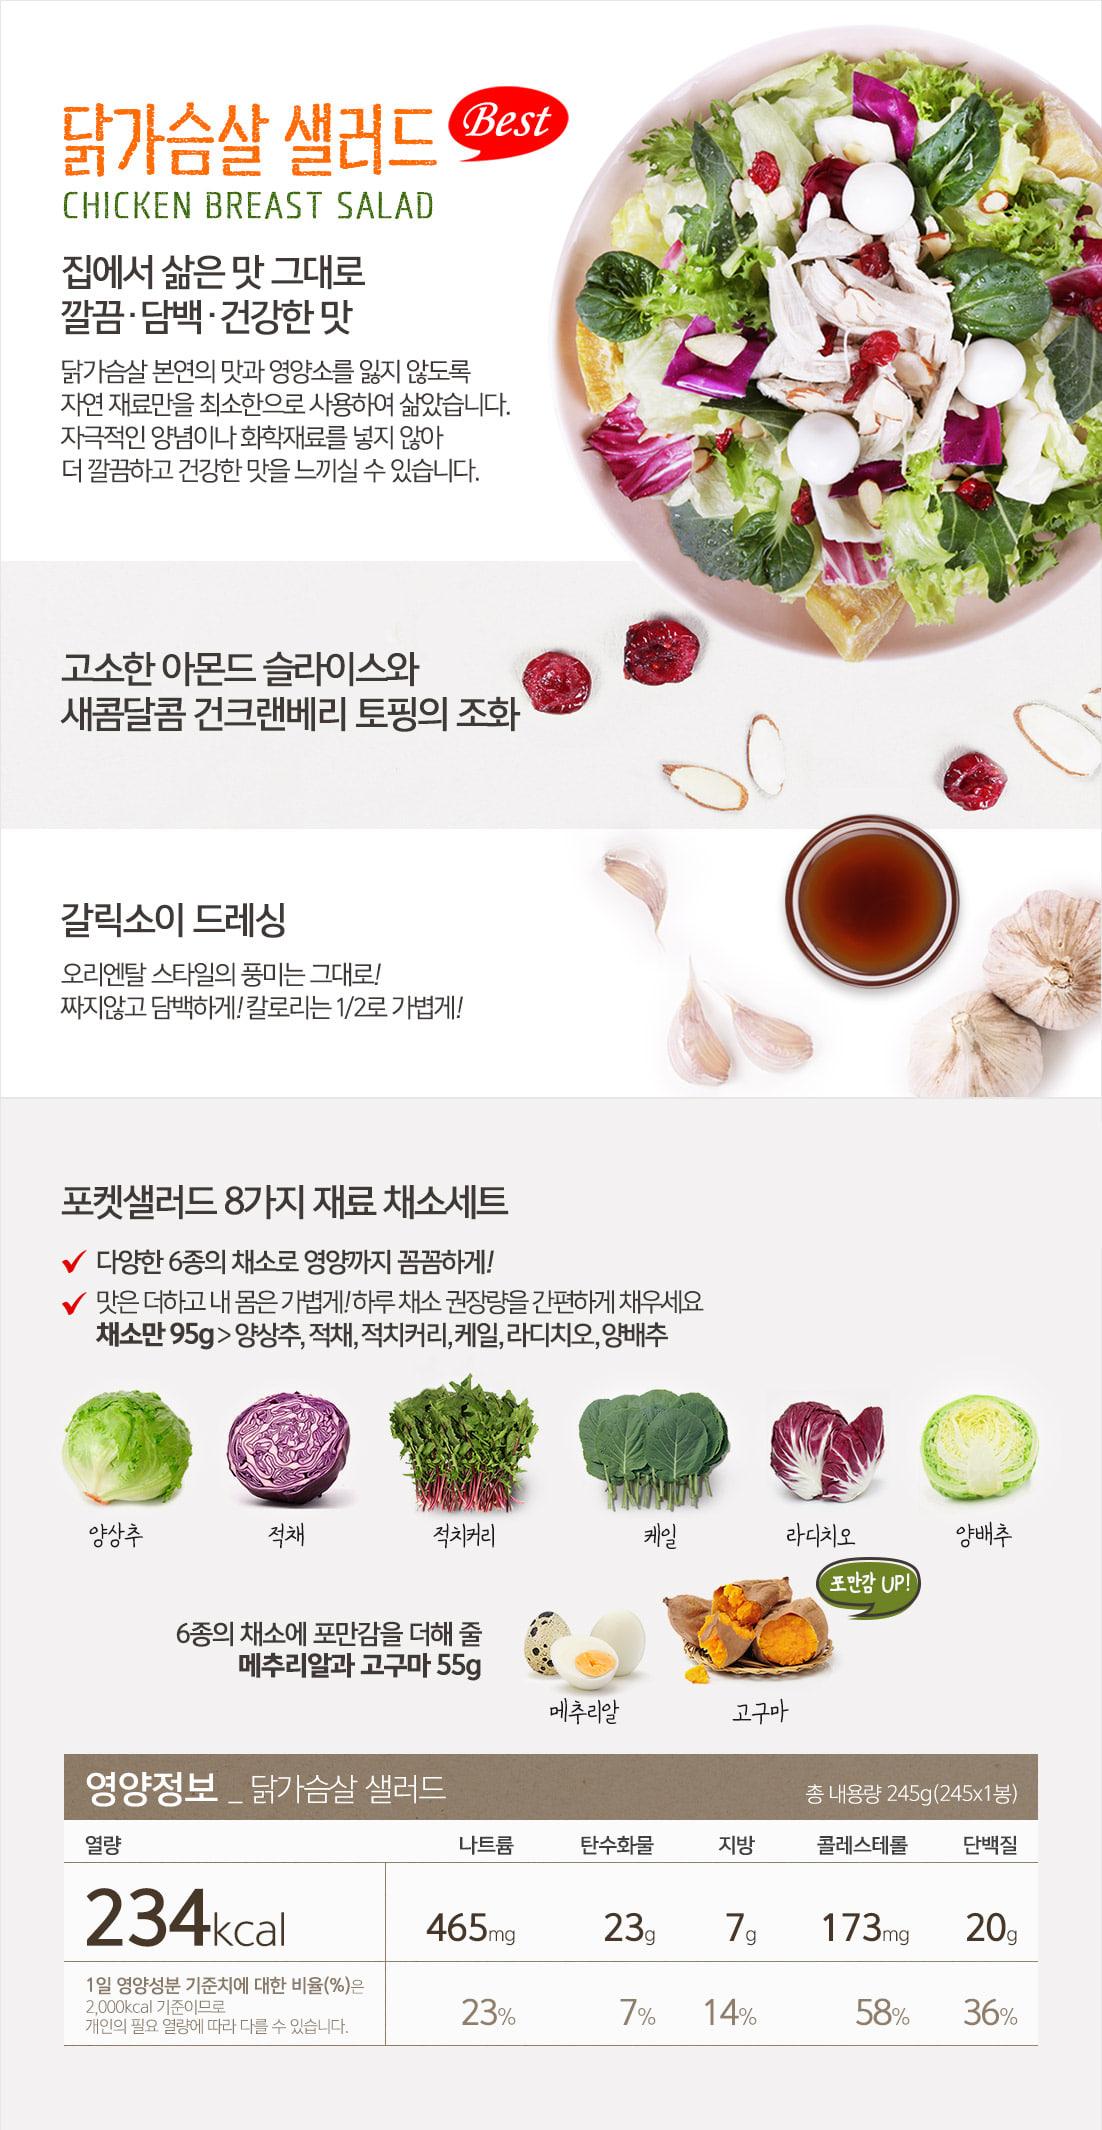 닭가슴살_샐러드상세_재료설명